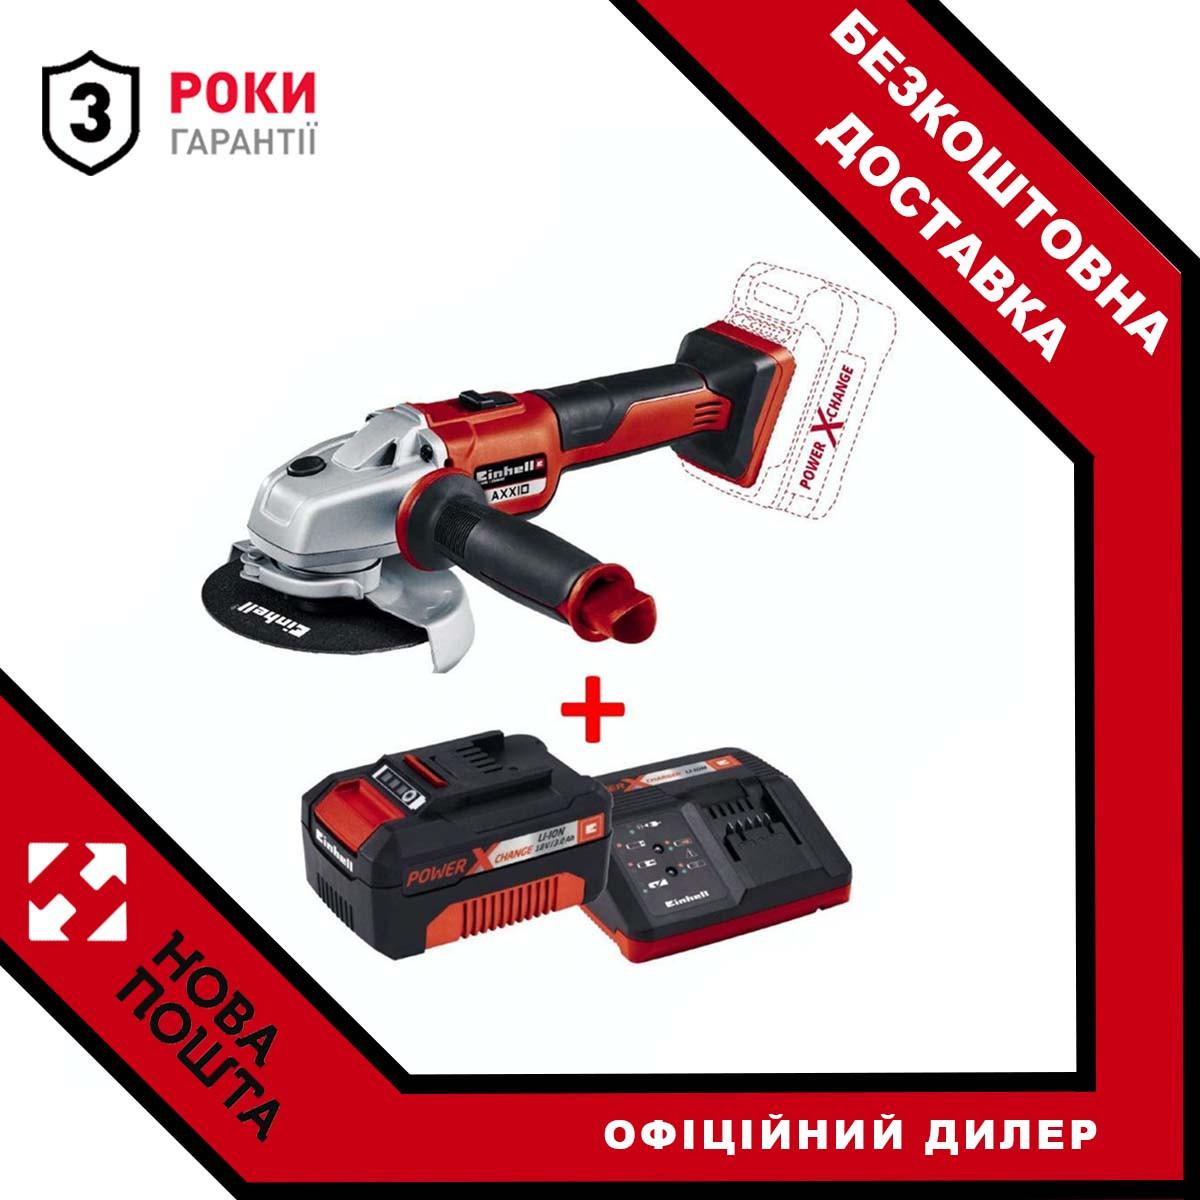 Набір кутова безщіткова шліфмашина Einhell Axxio Ø125 мм + зарядний пристрій і акумулятор 18V 4,0